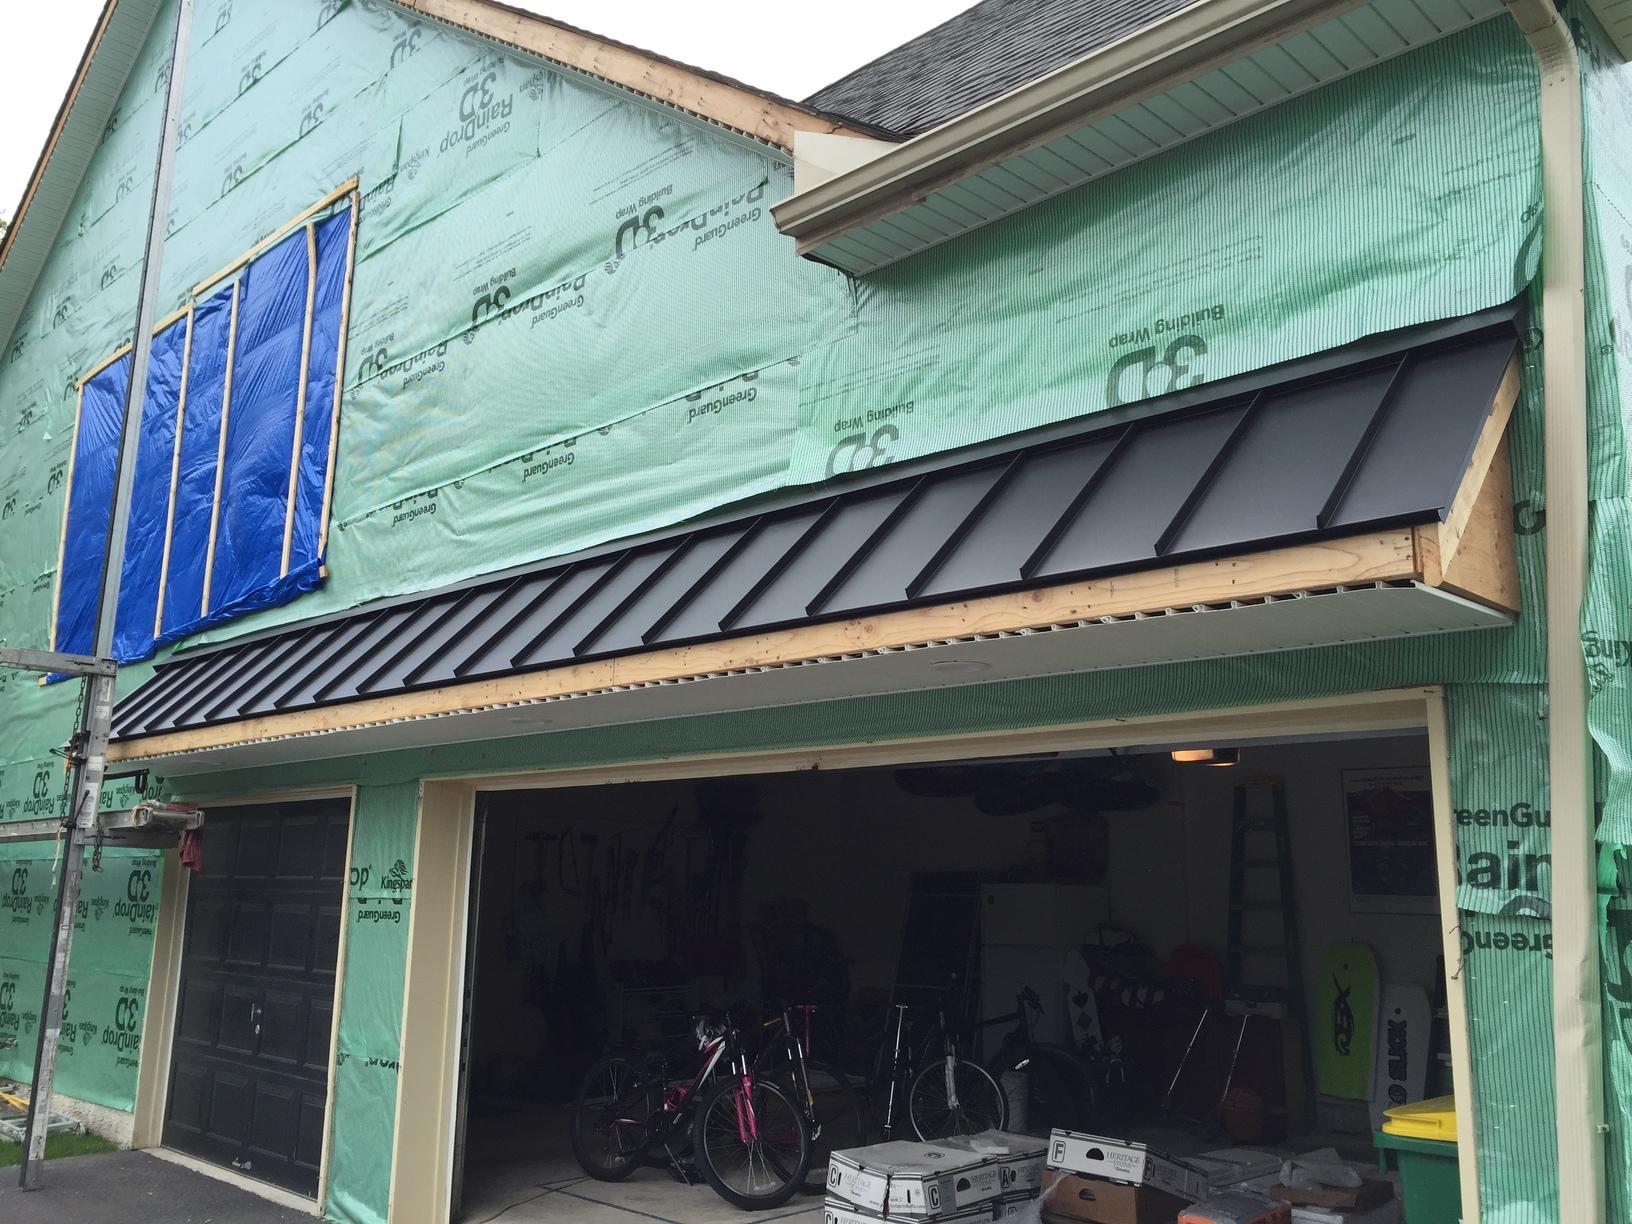 Installing Standing Seam Metal Roof Over Garage